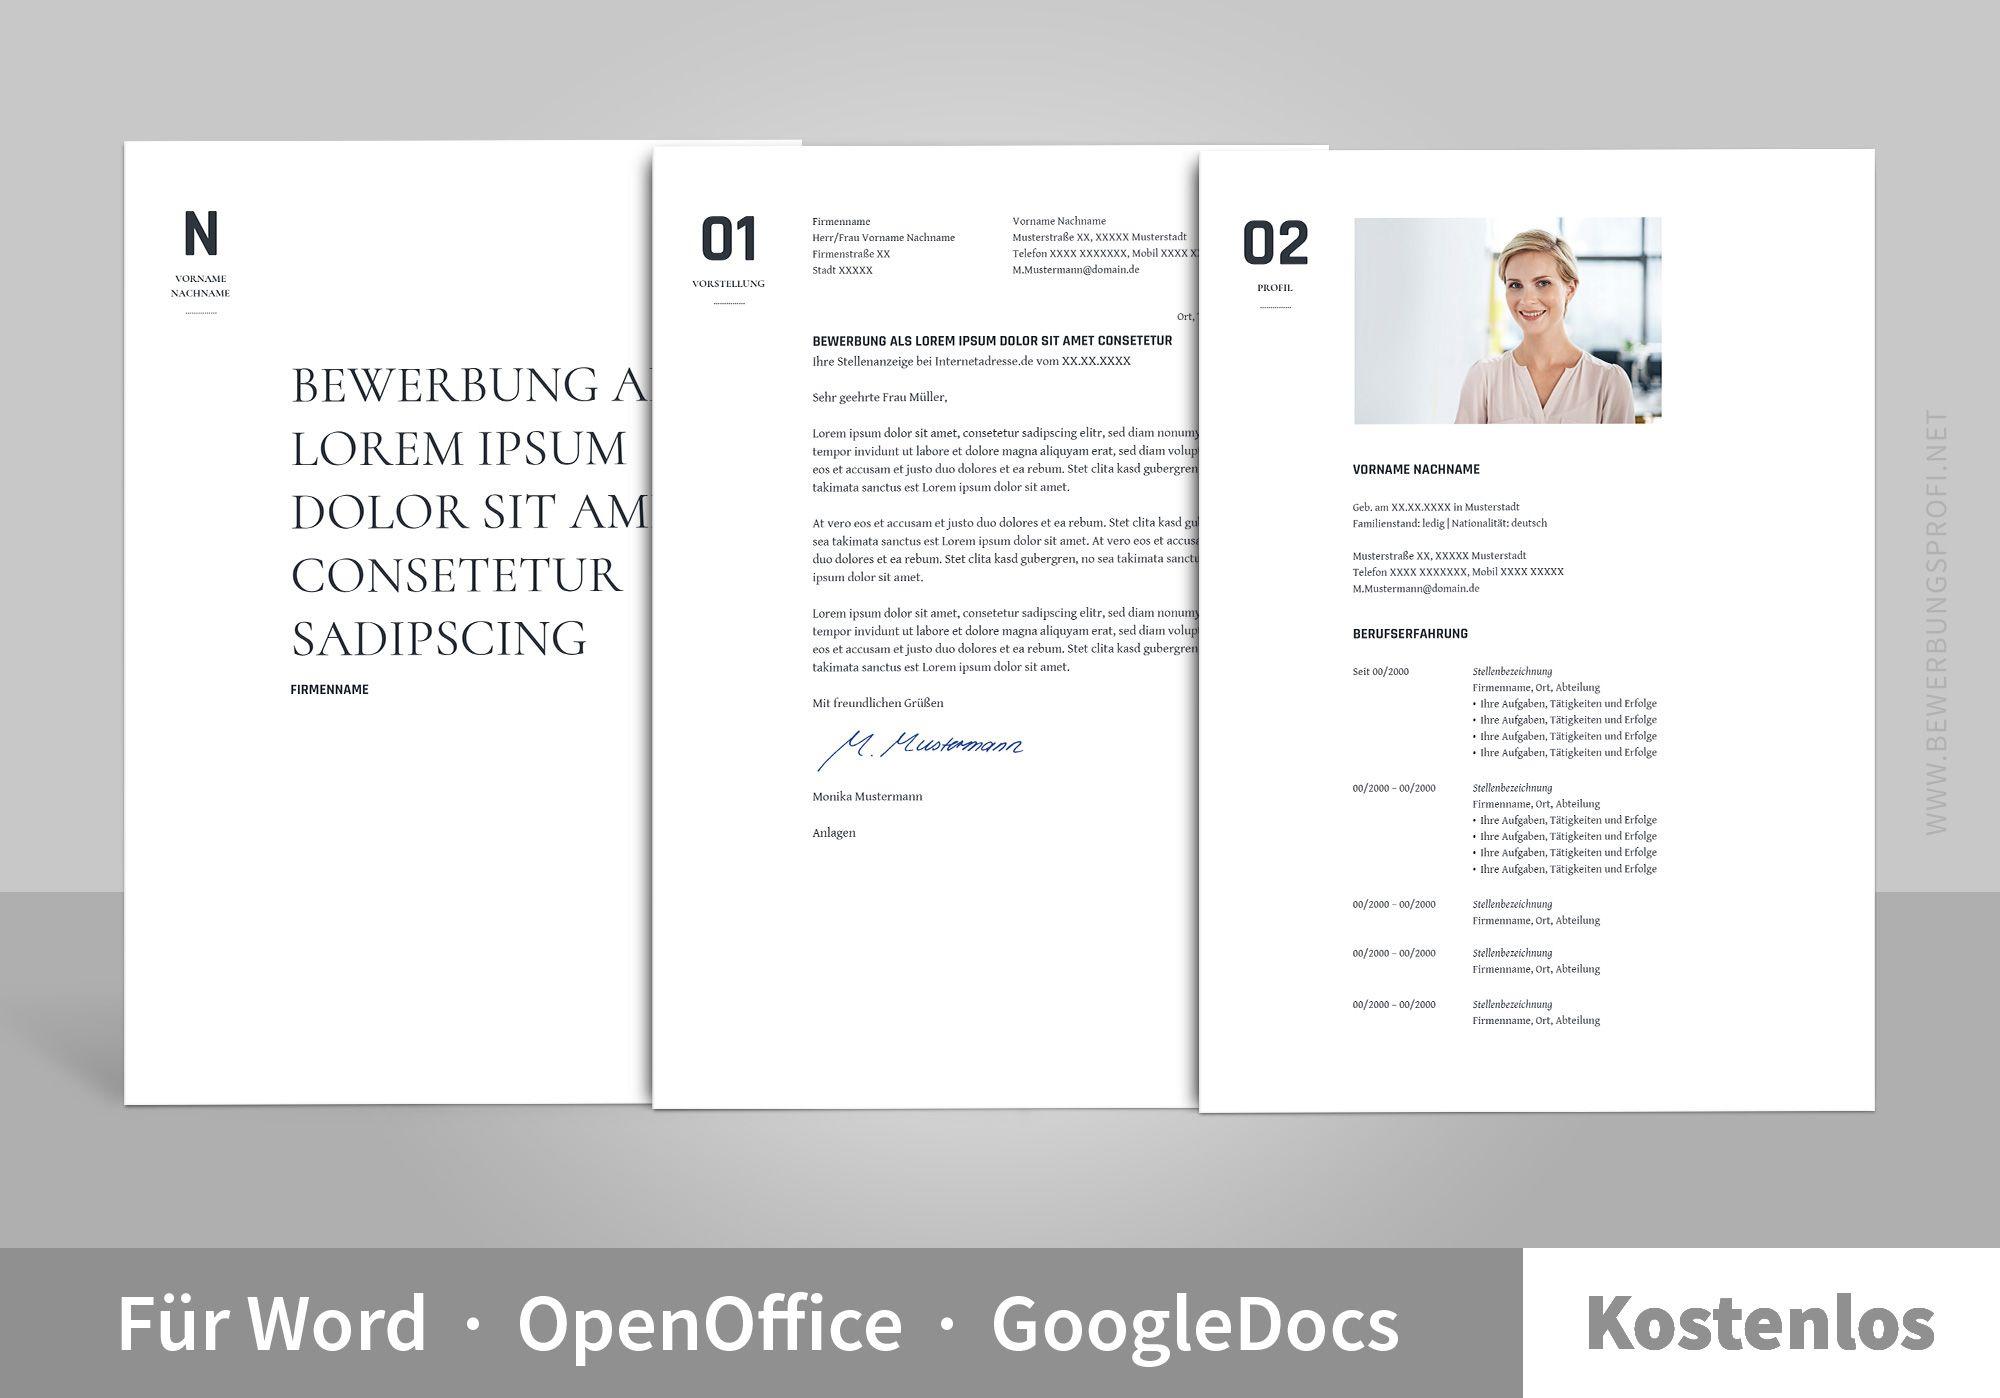 Muster Bewerbung Orio Bewerbung Design Vorlagen